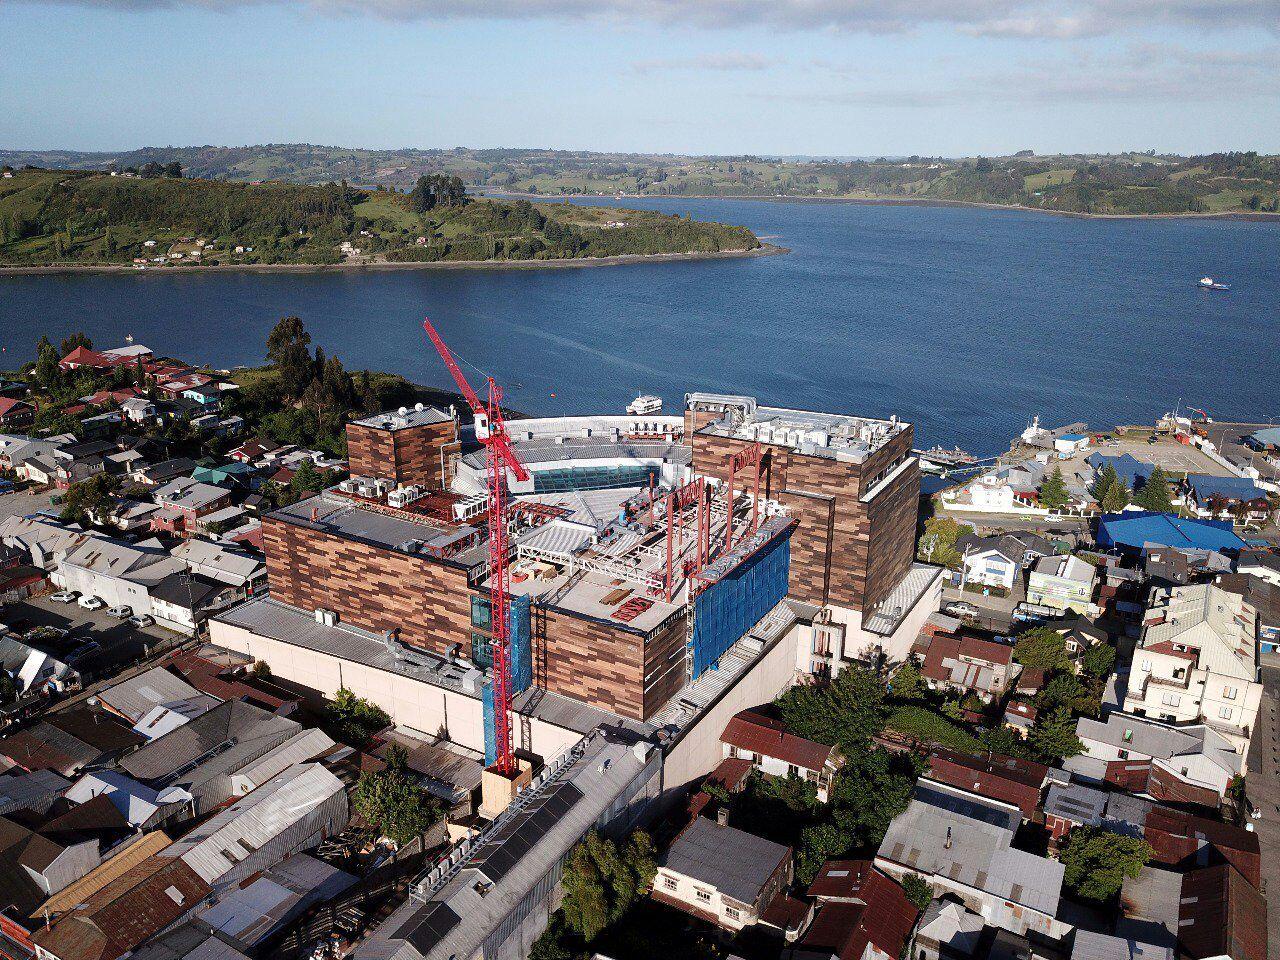 Colegio de Arquitectos Chiloé